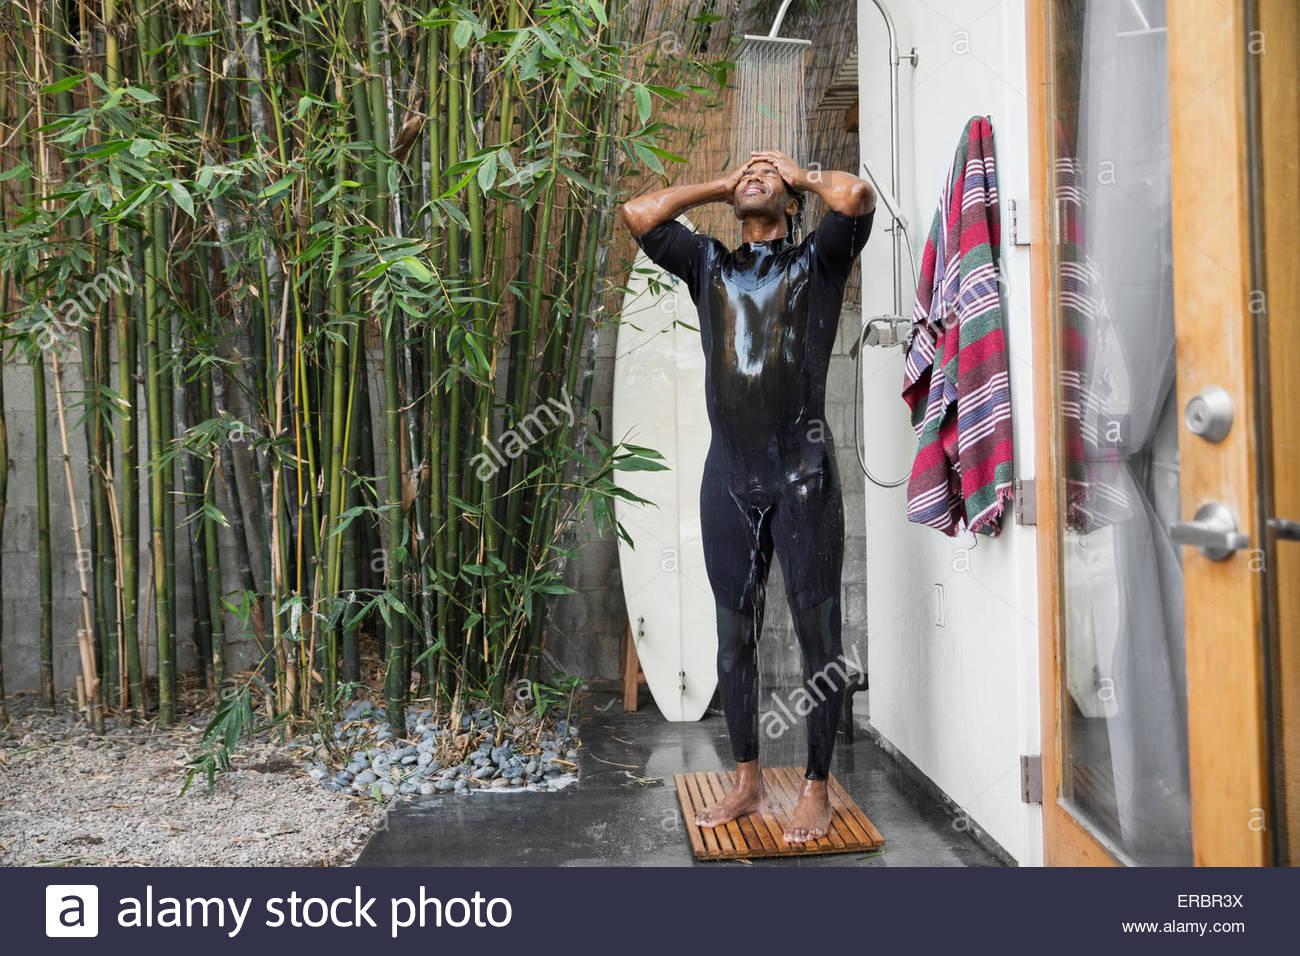 L'homme en combinaison de surf à l'aide d'une douche extérieure Photo Stock